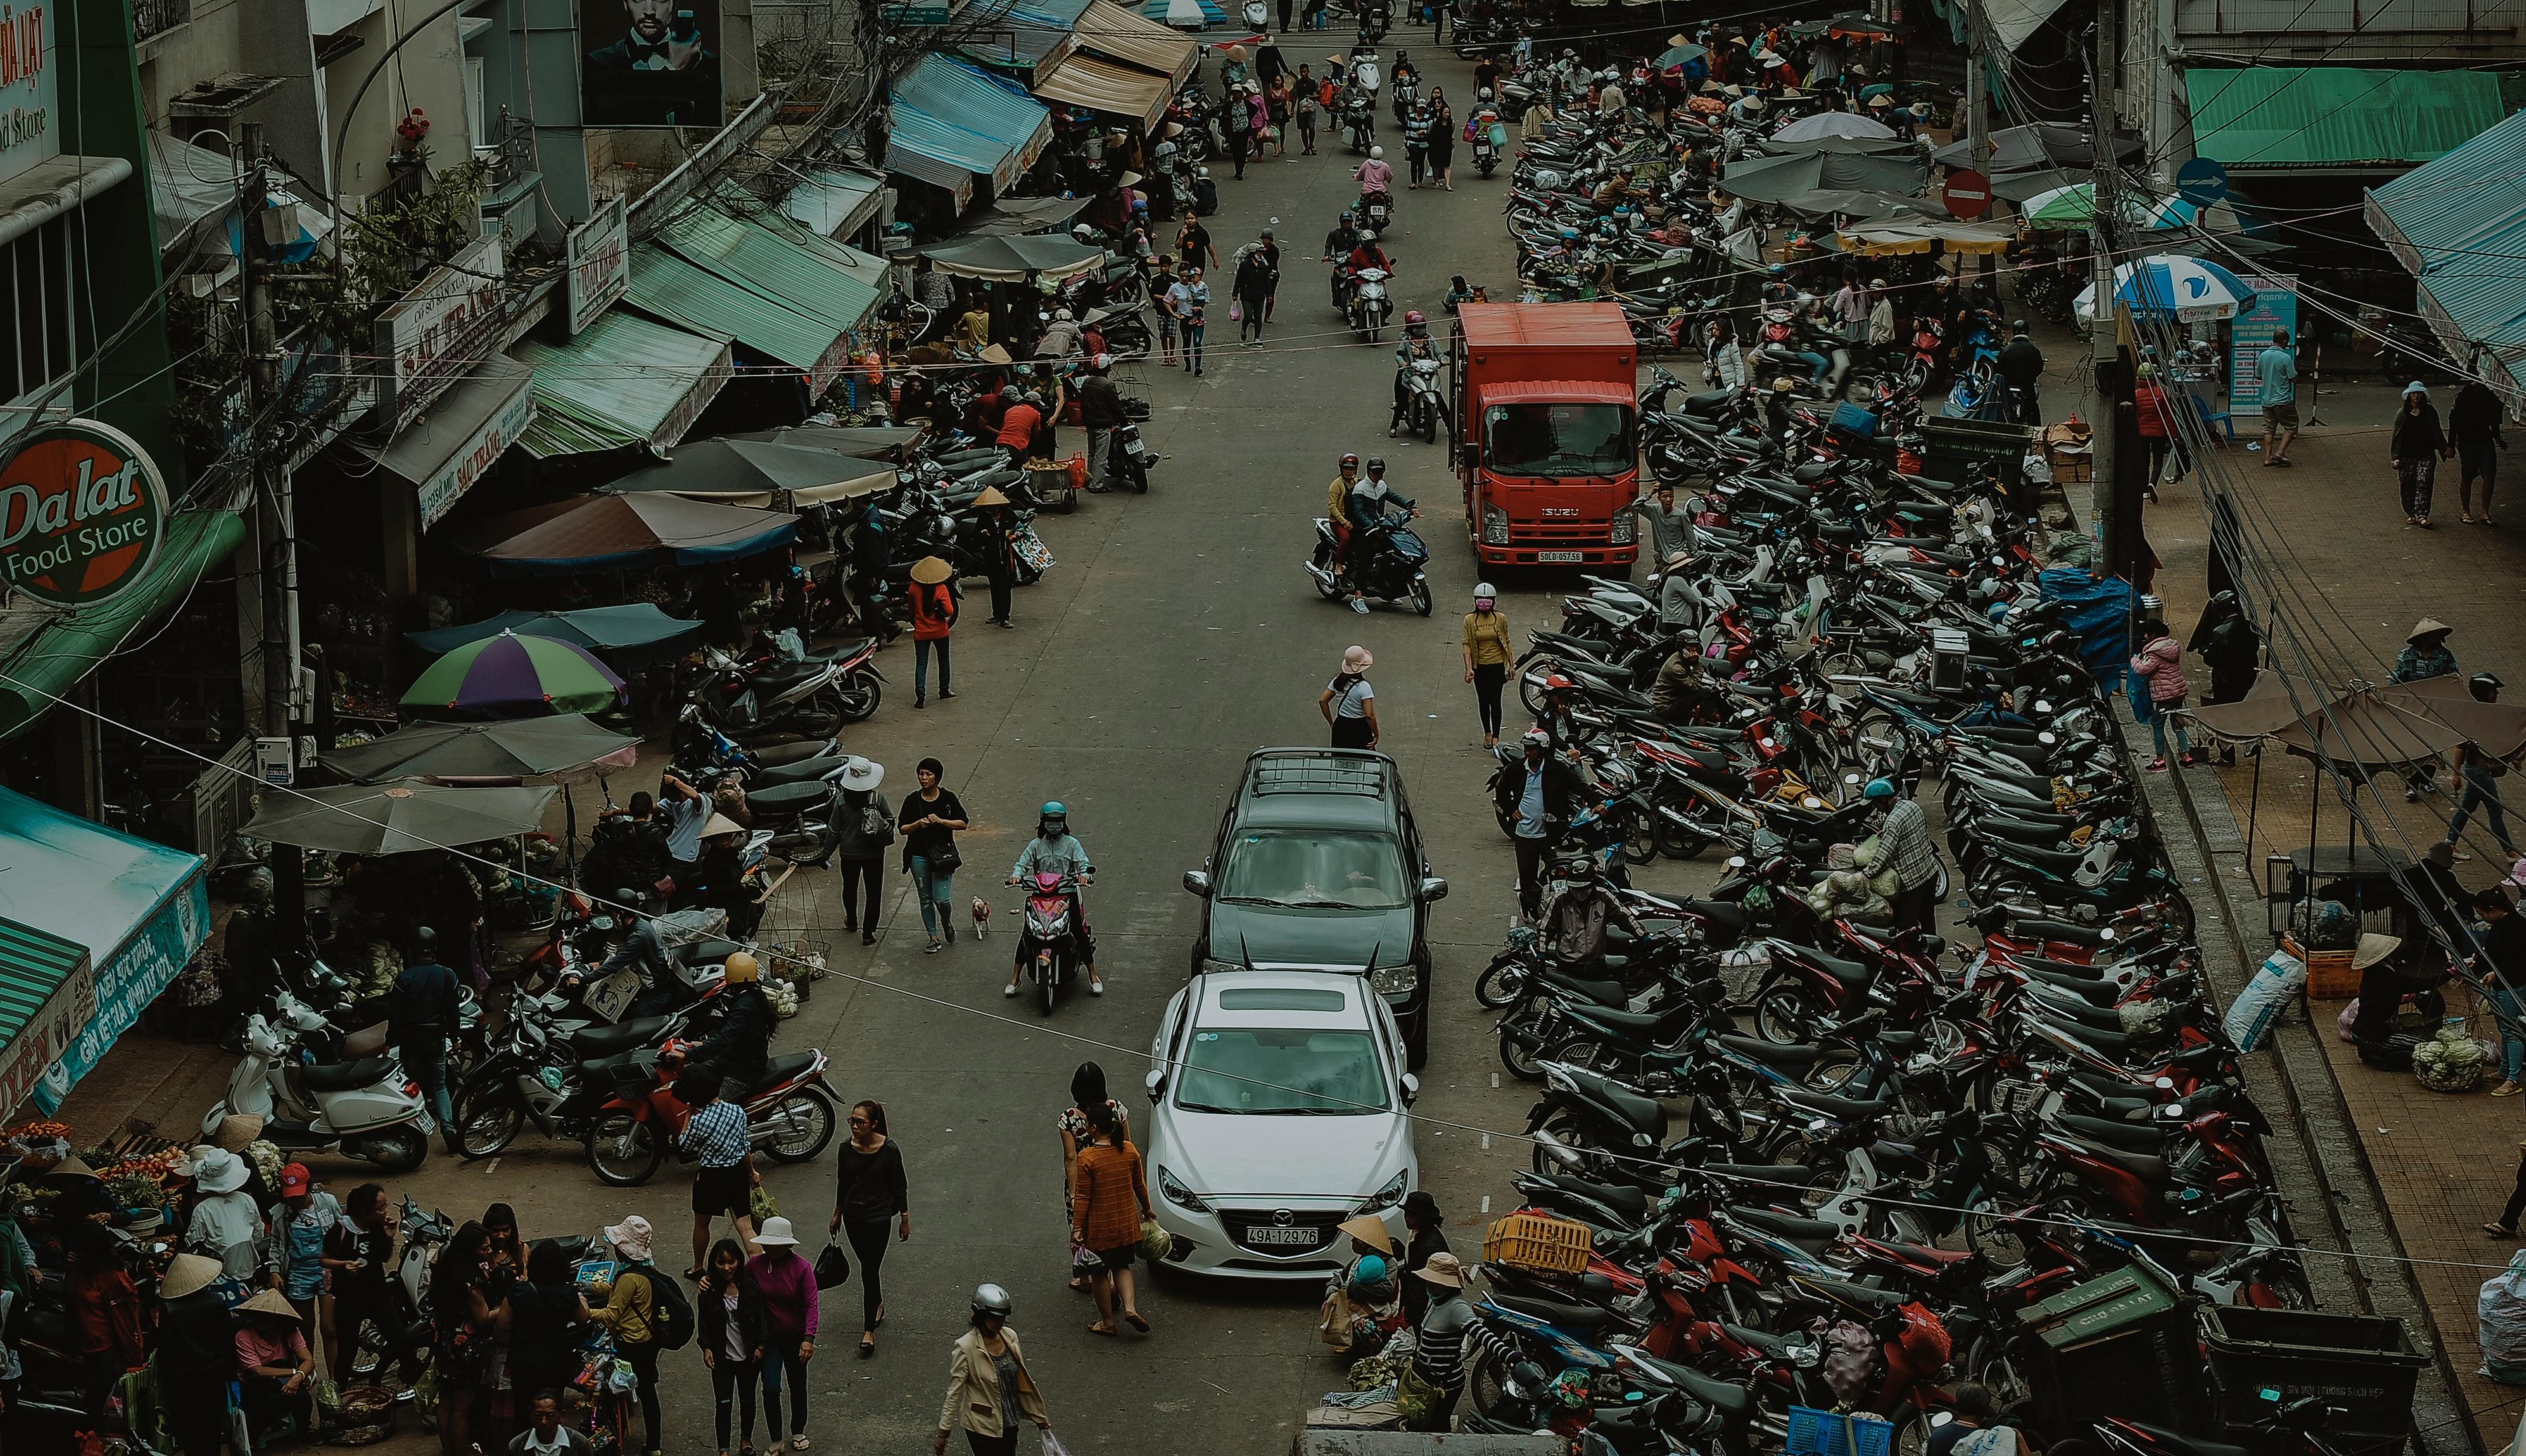 Group of people walking through market photo